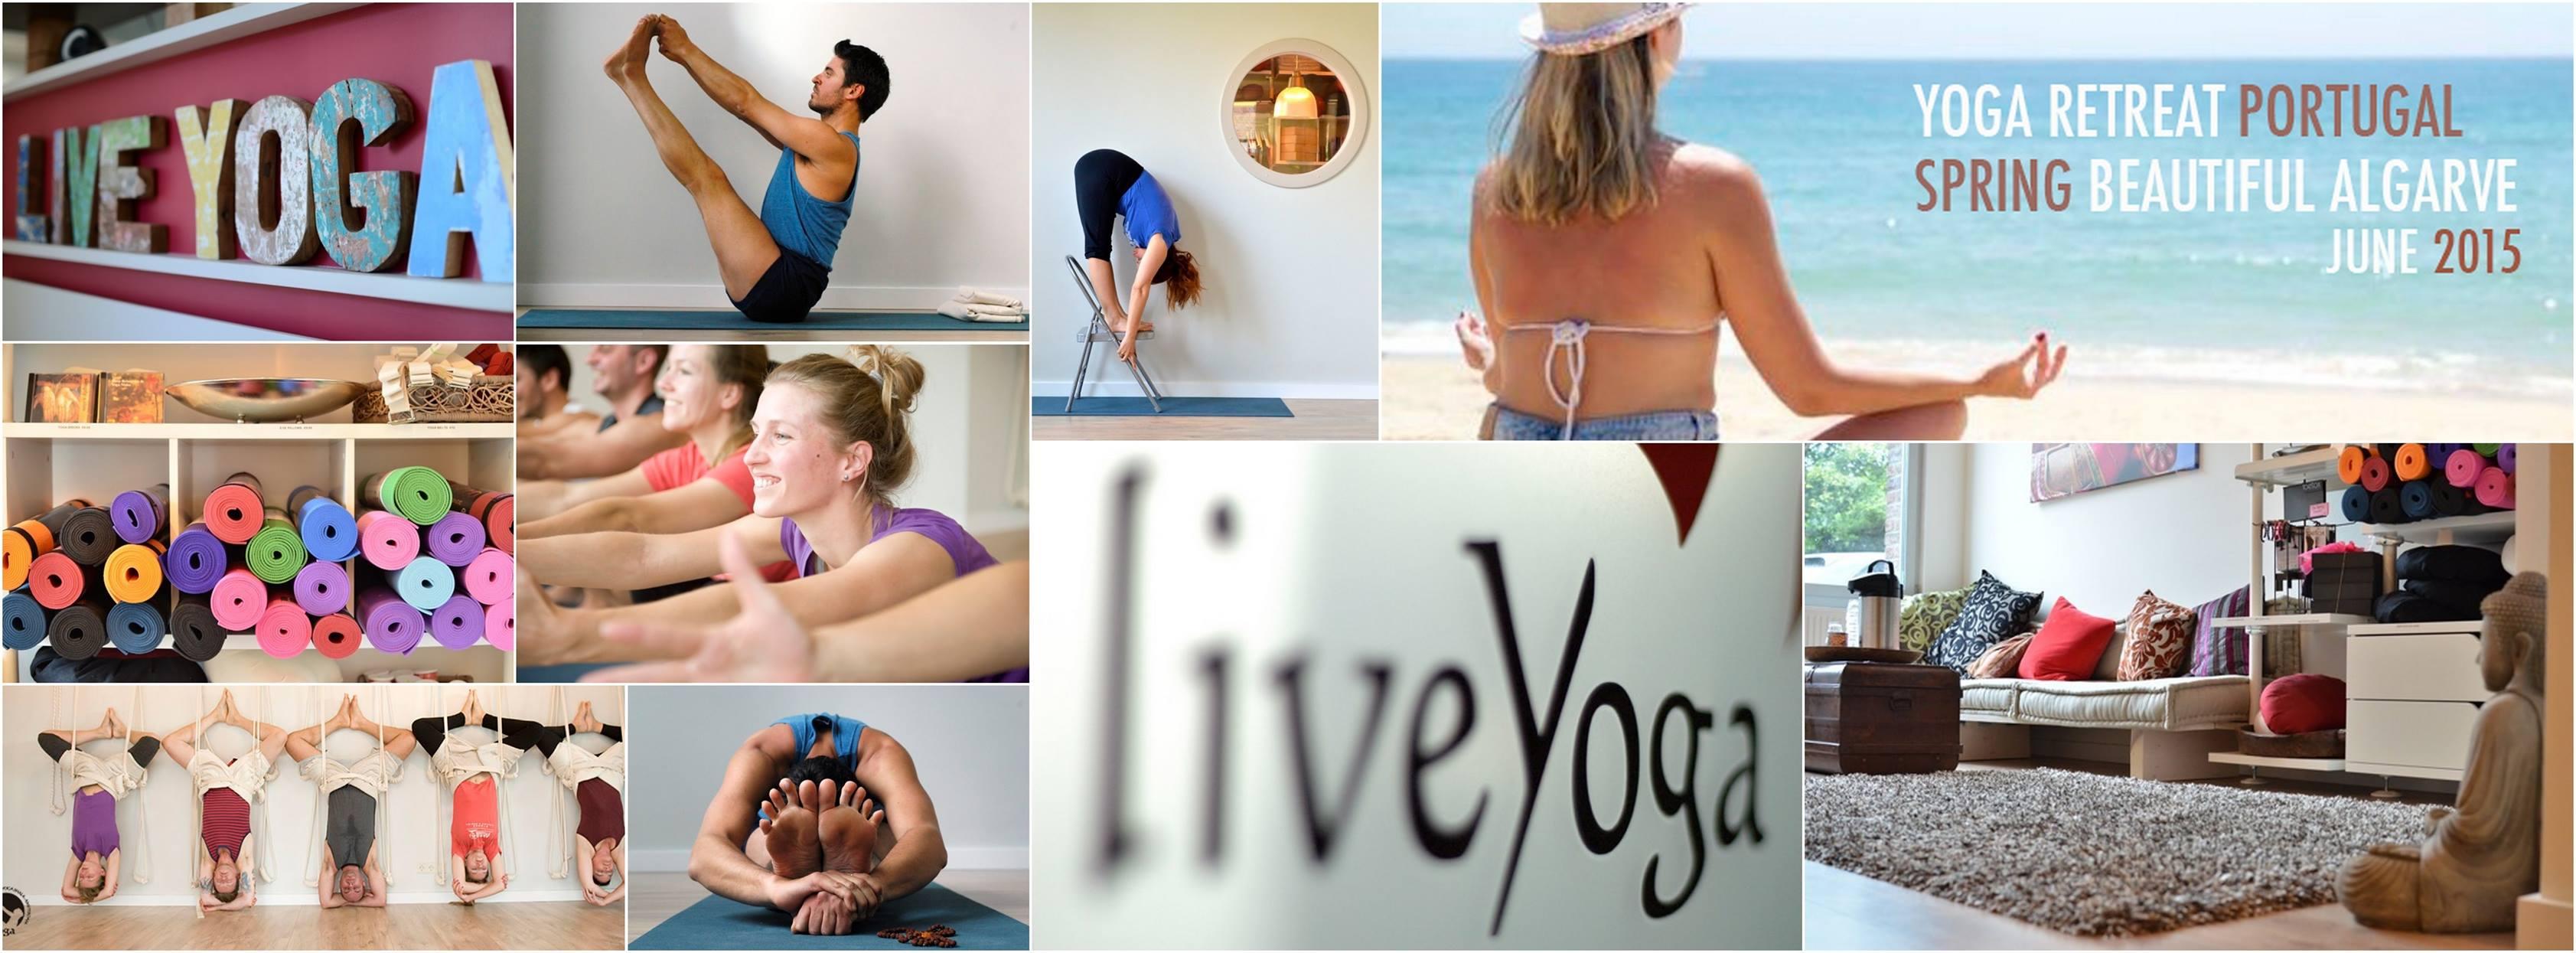 liveyoga-iyengar-yoga-shala-amsterdam-netherlands-6